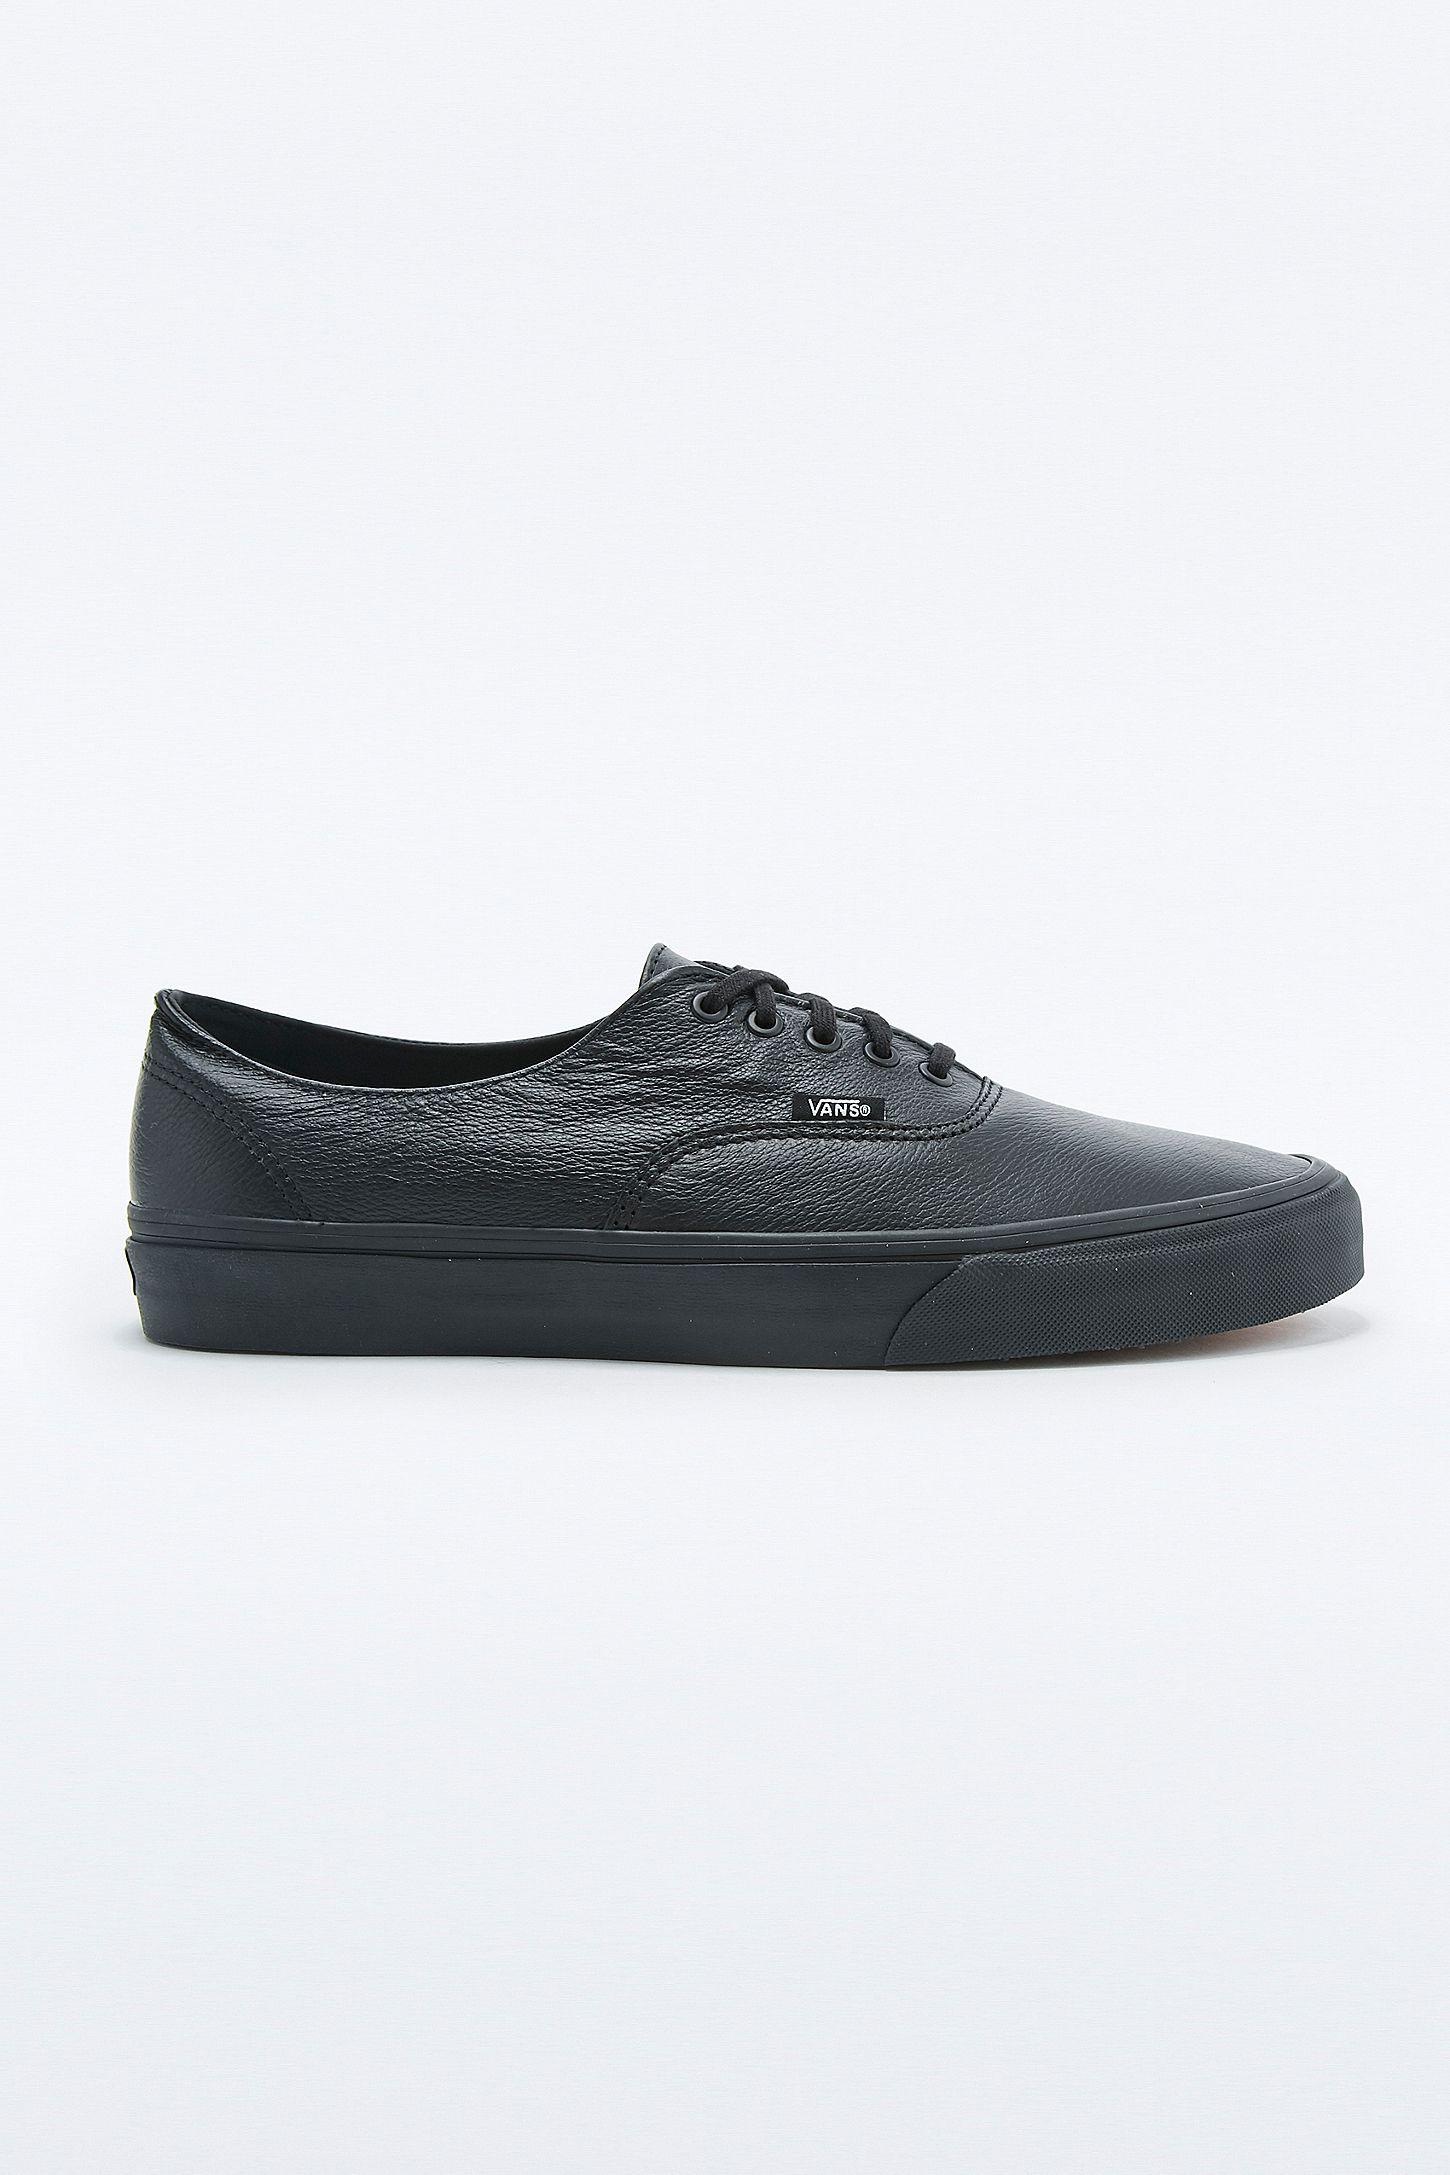 9de3aac289 Vans Authentic Decon Black Leather Trainers